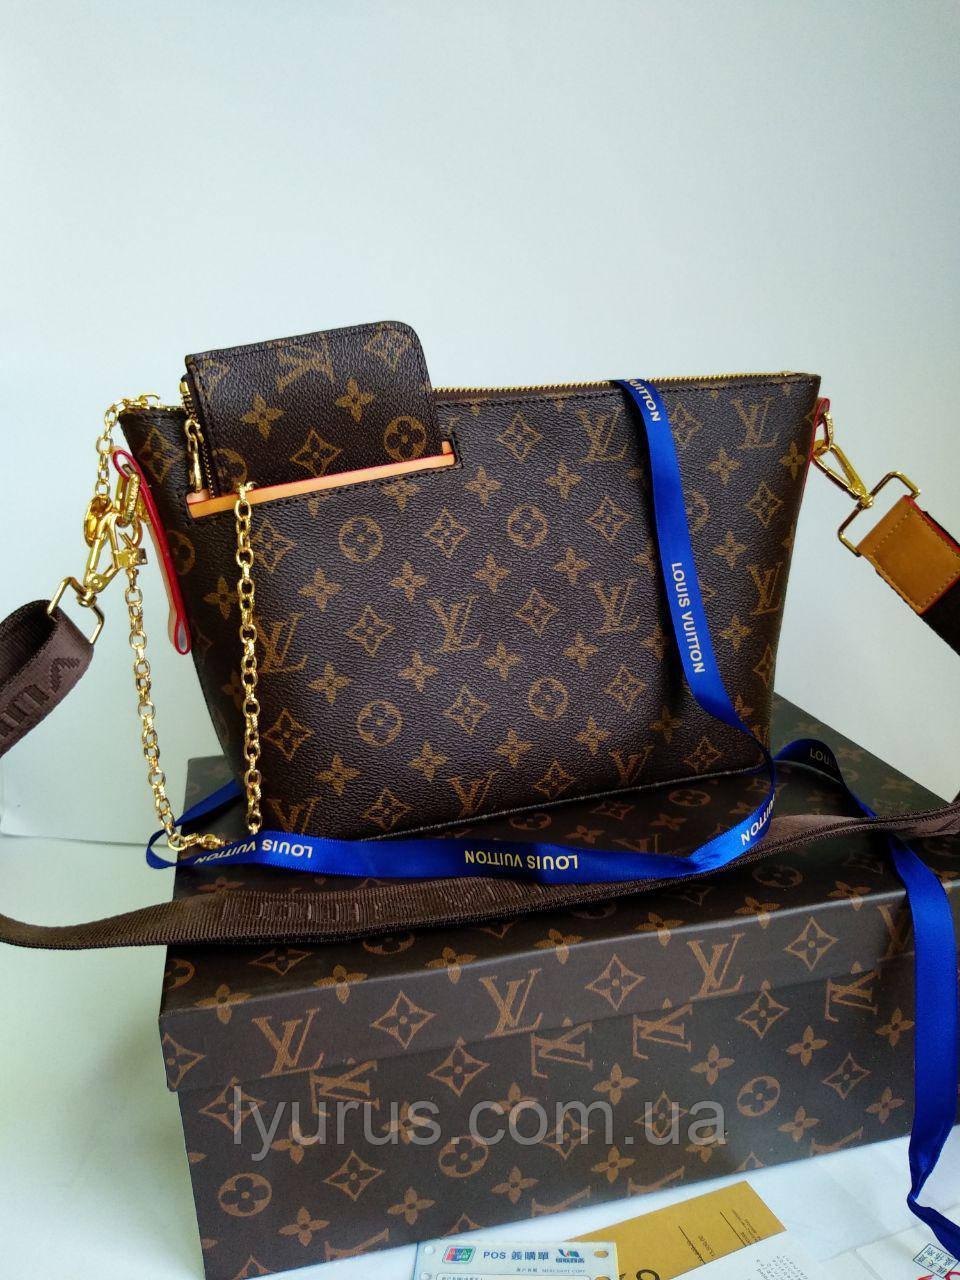 Женская сумка Louis Vuitton Monogram Canvas с кошельком